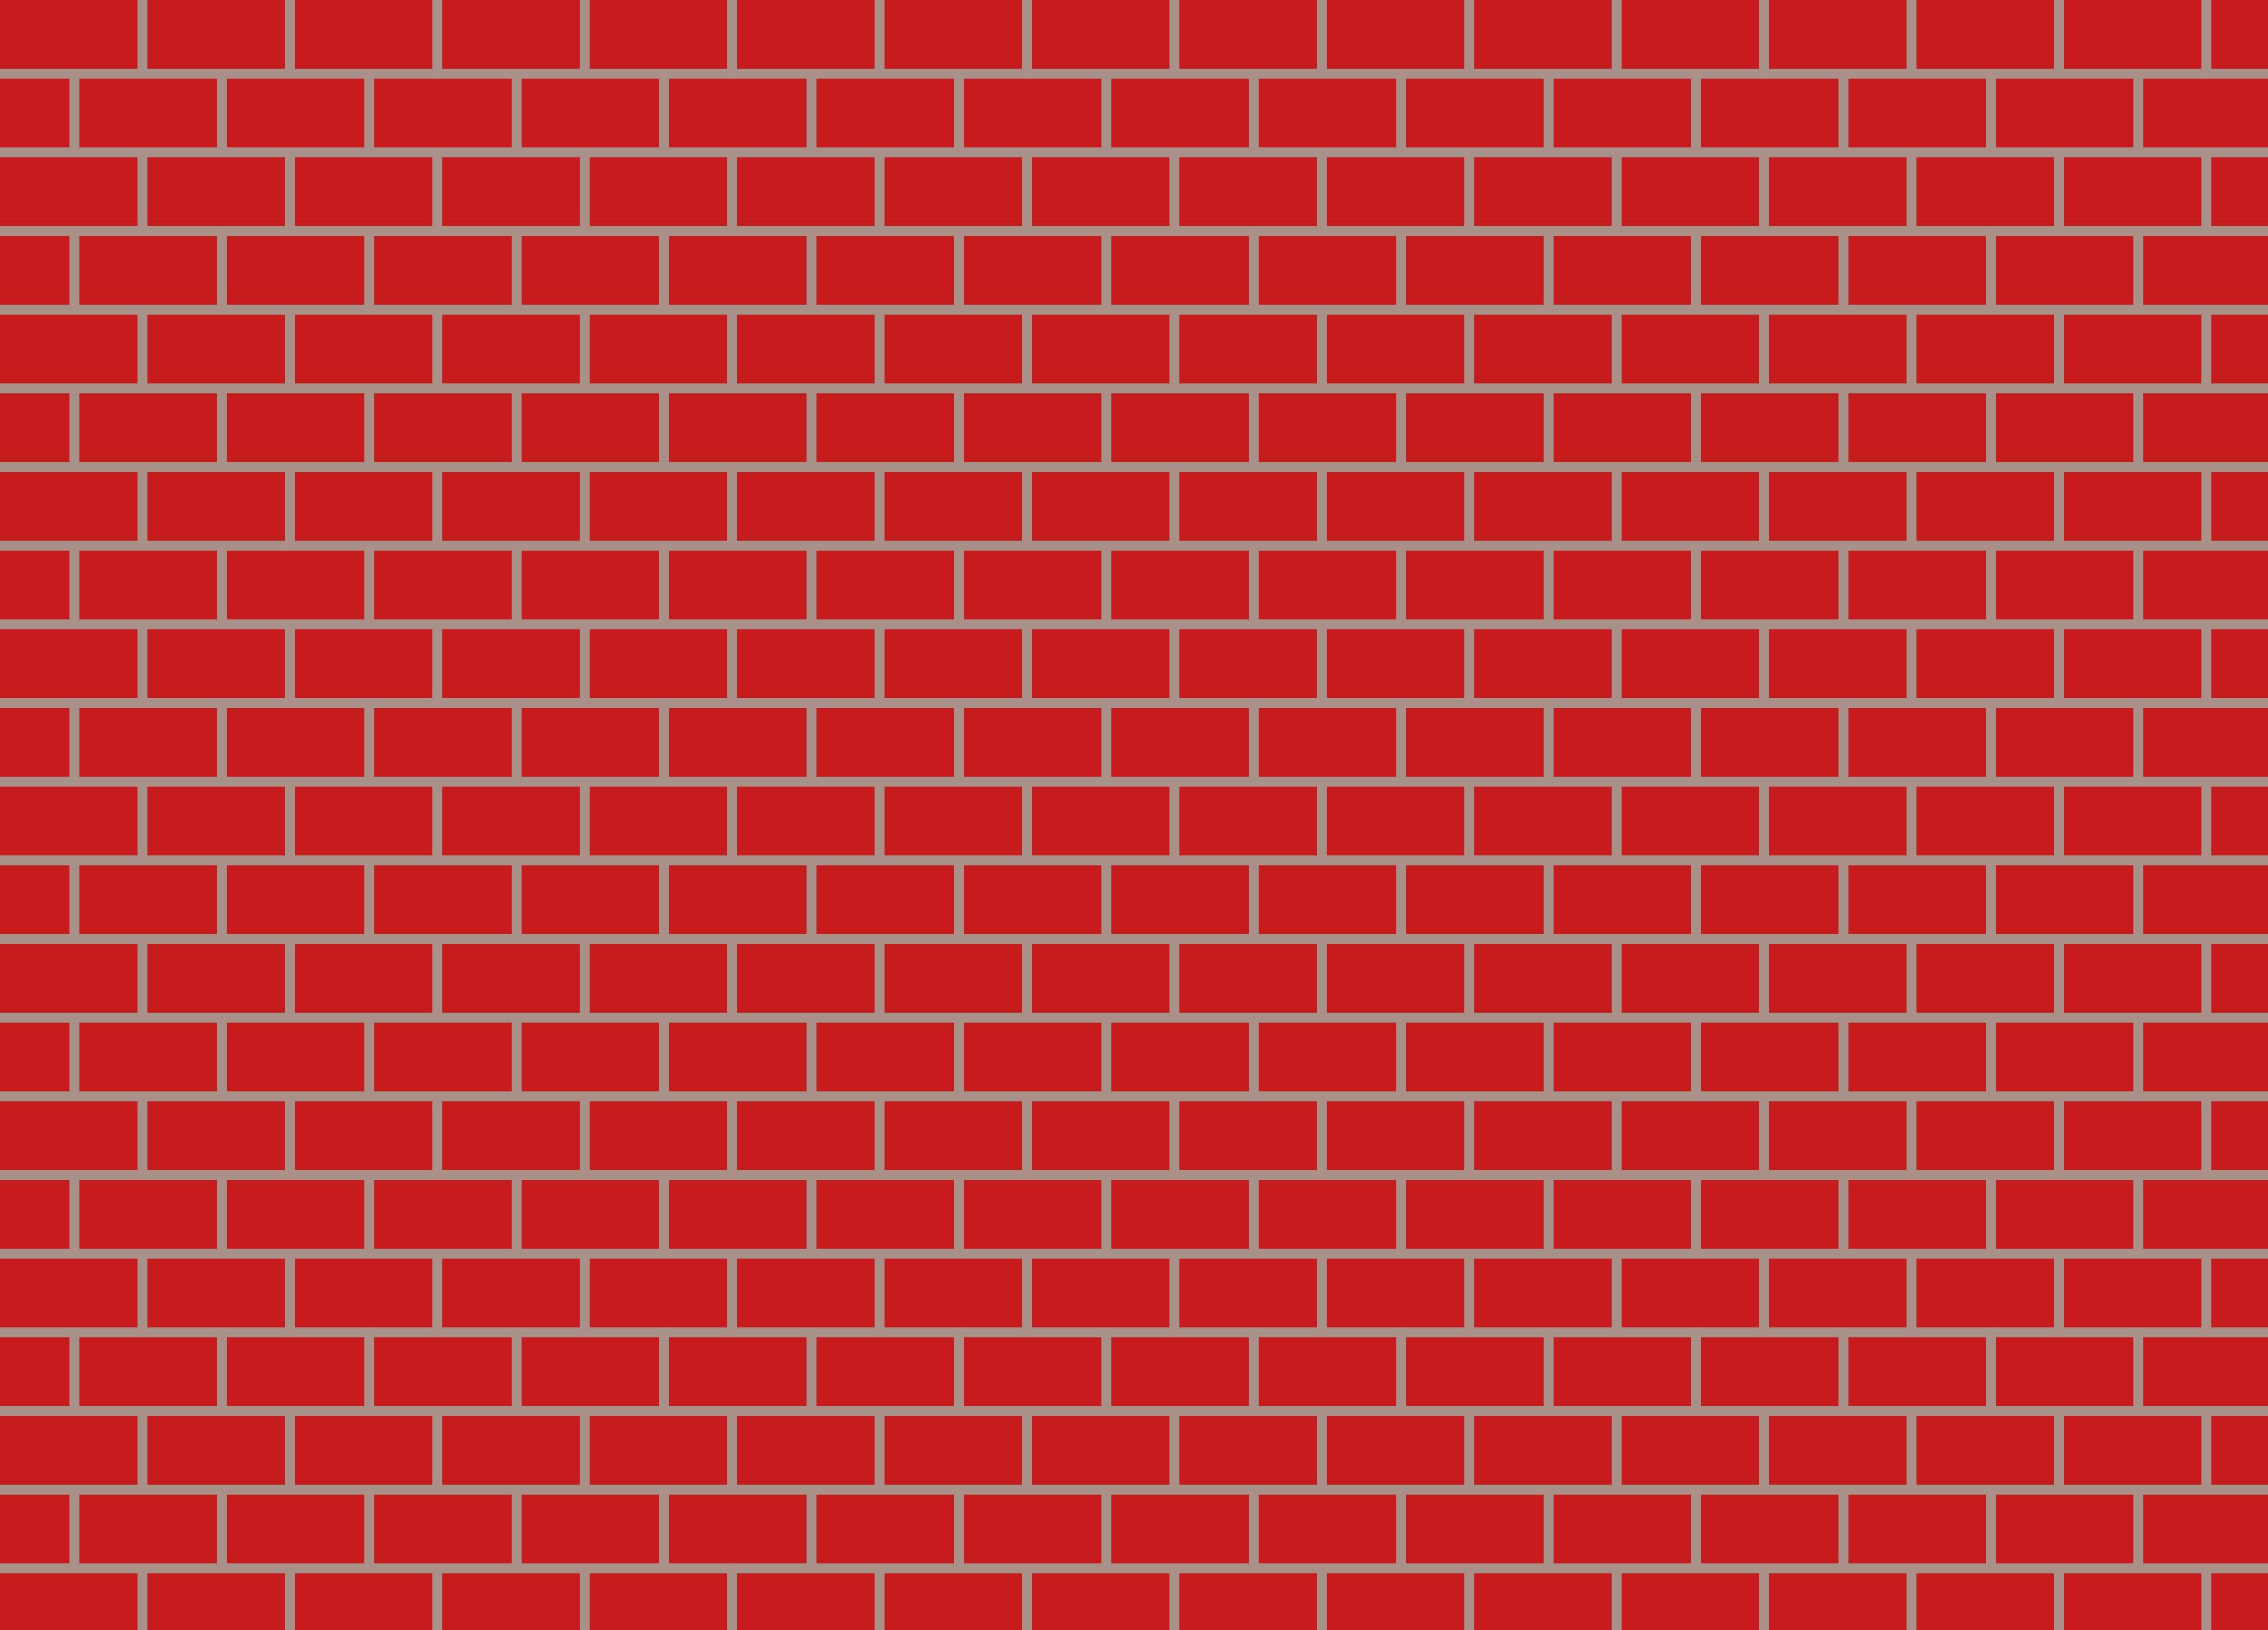 Brick Wall Images At Clkercom Vector Clip Art Online 3200x2300